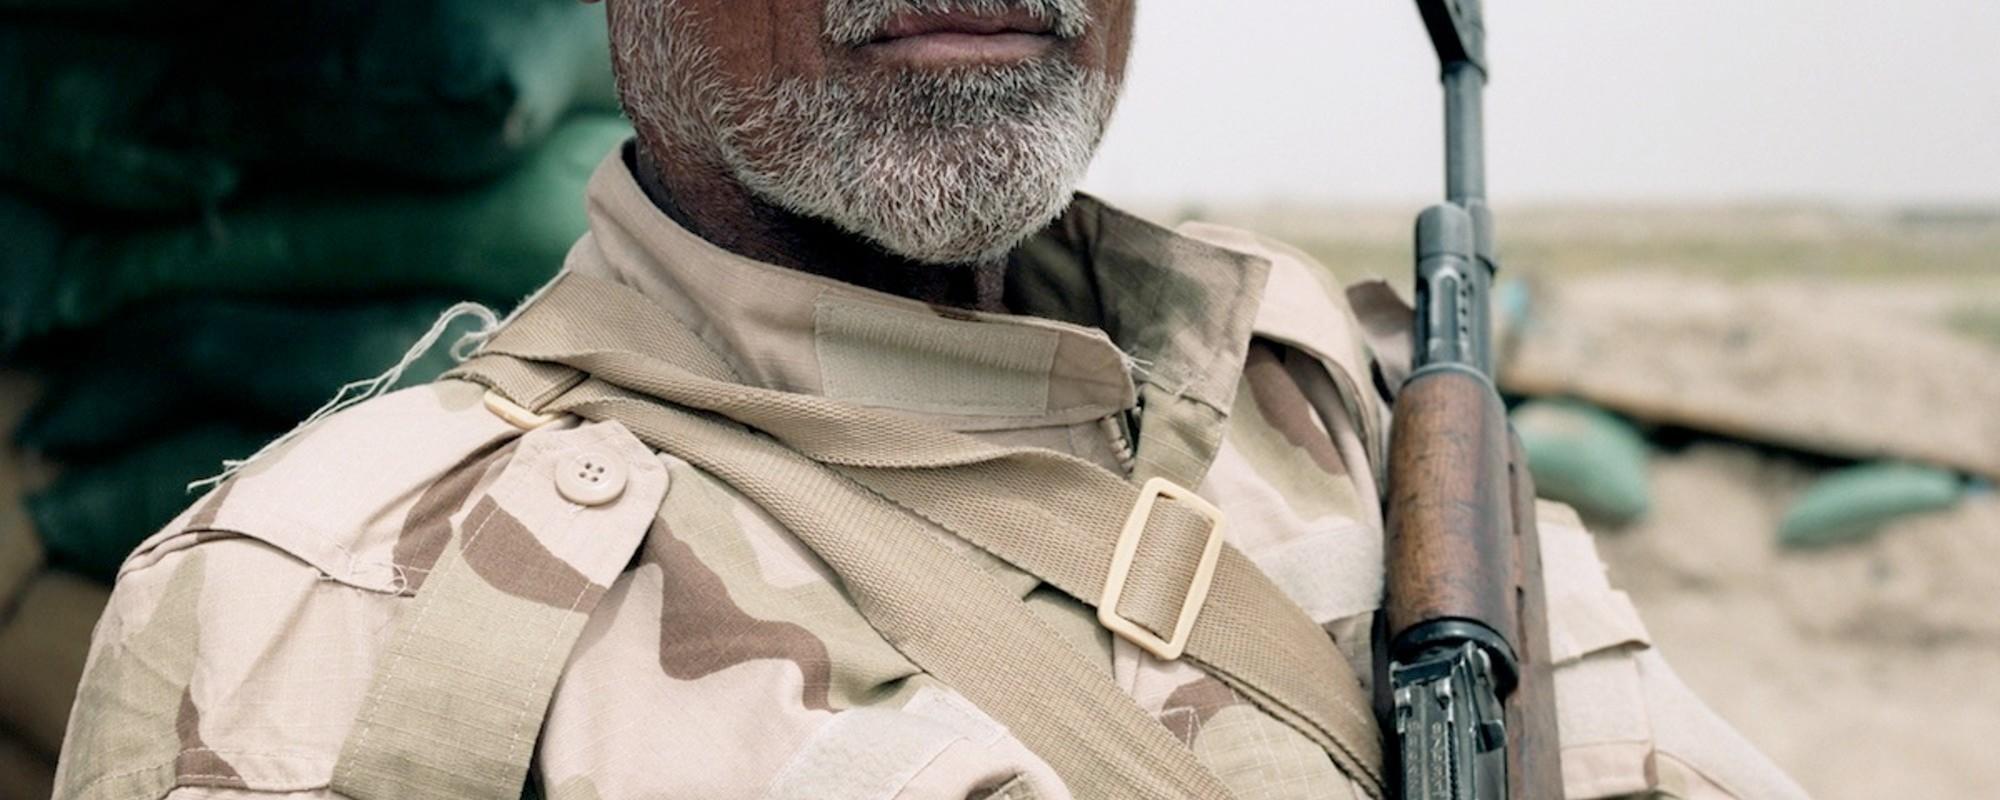 Avec les miliciens qui ont quitté leur boulot pour combattre l'EI en Irak